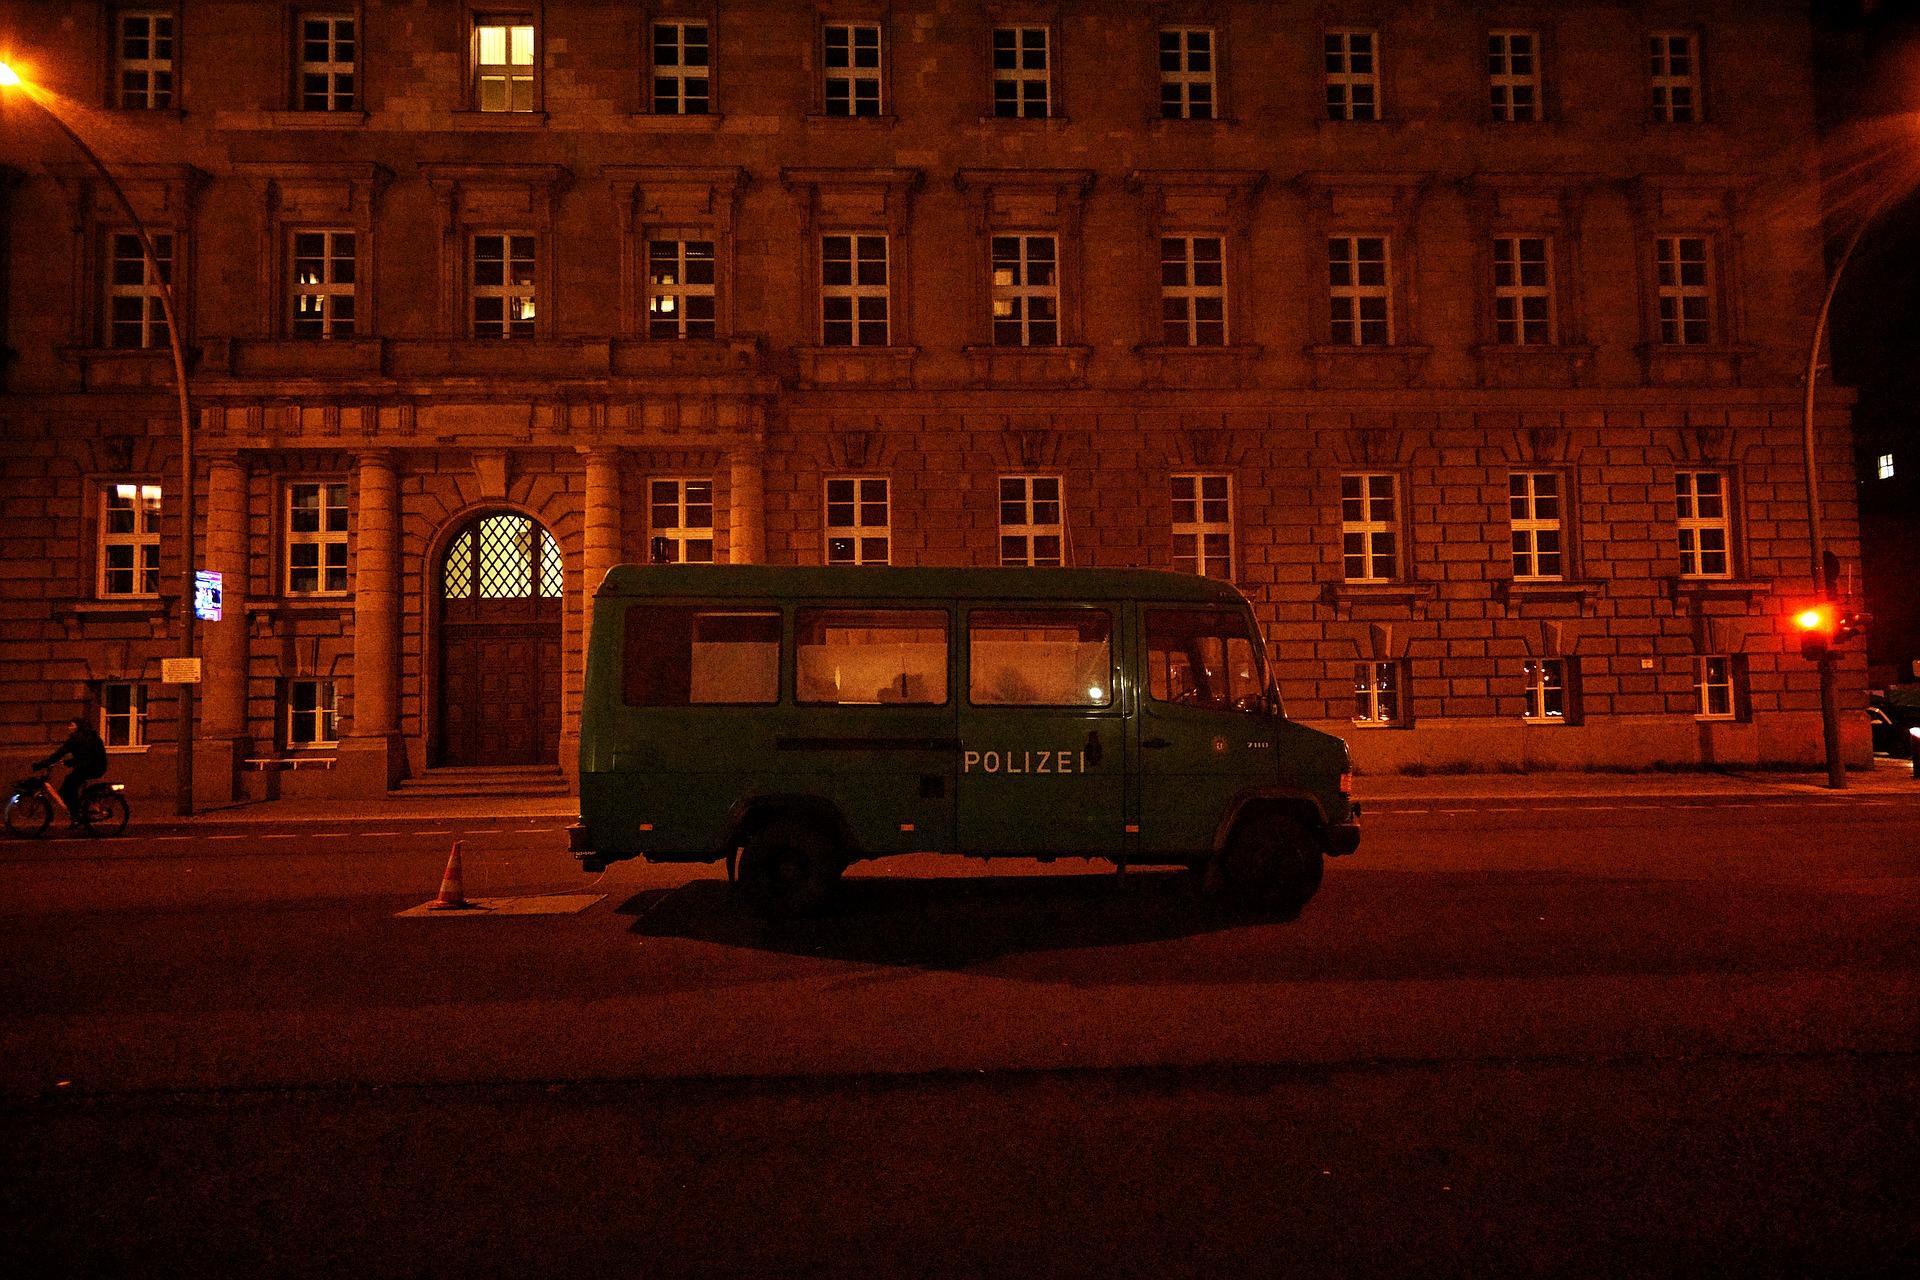 Berlin in Black - Polizeifahrzeug